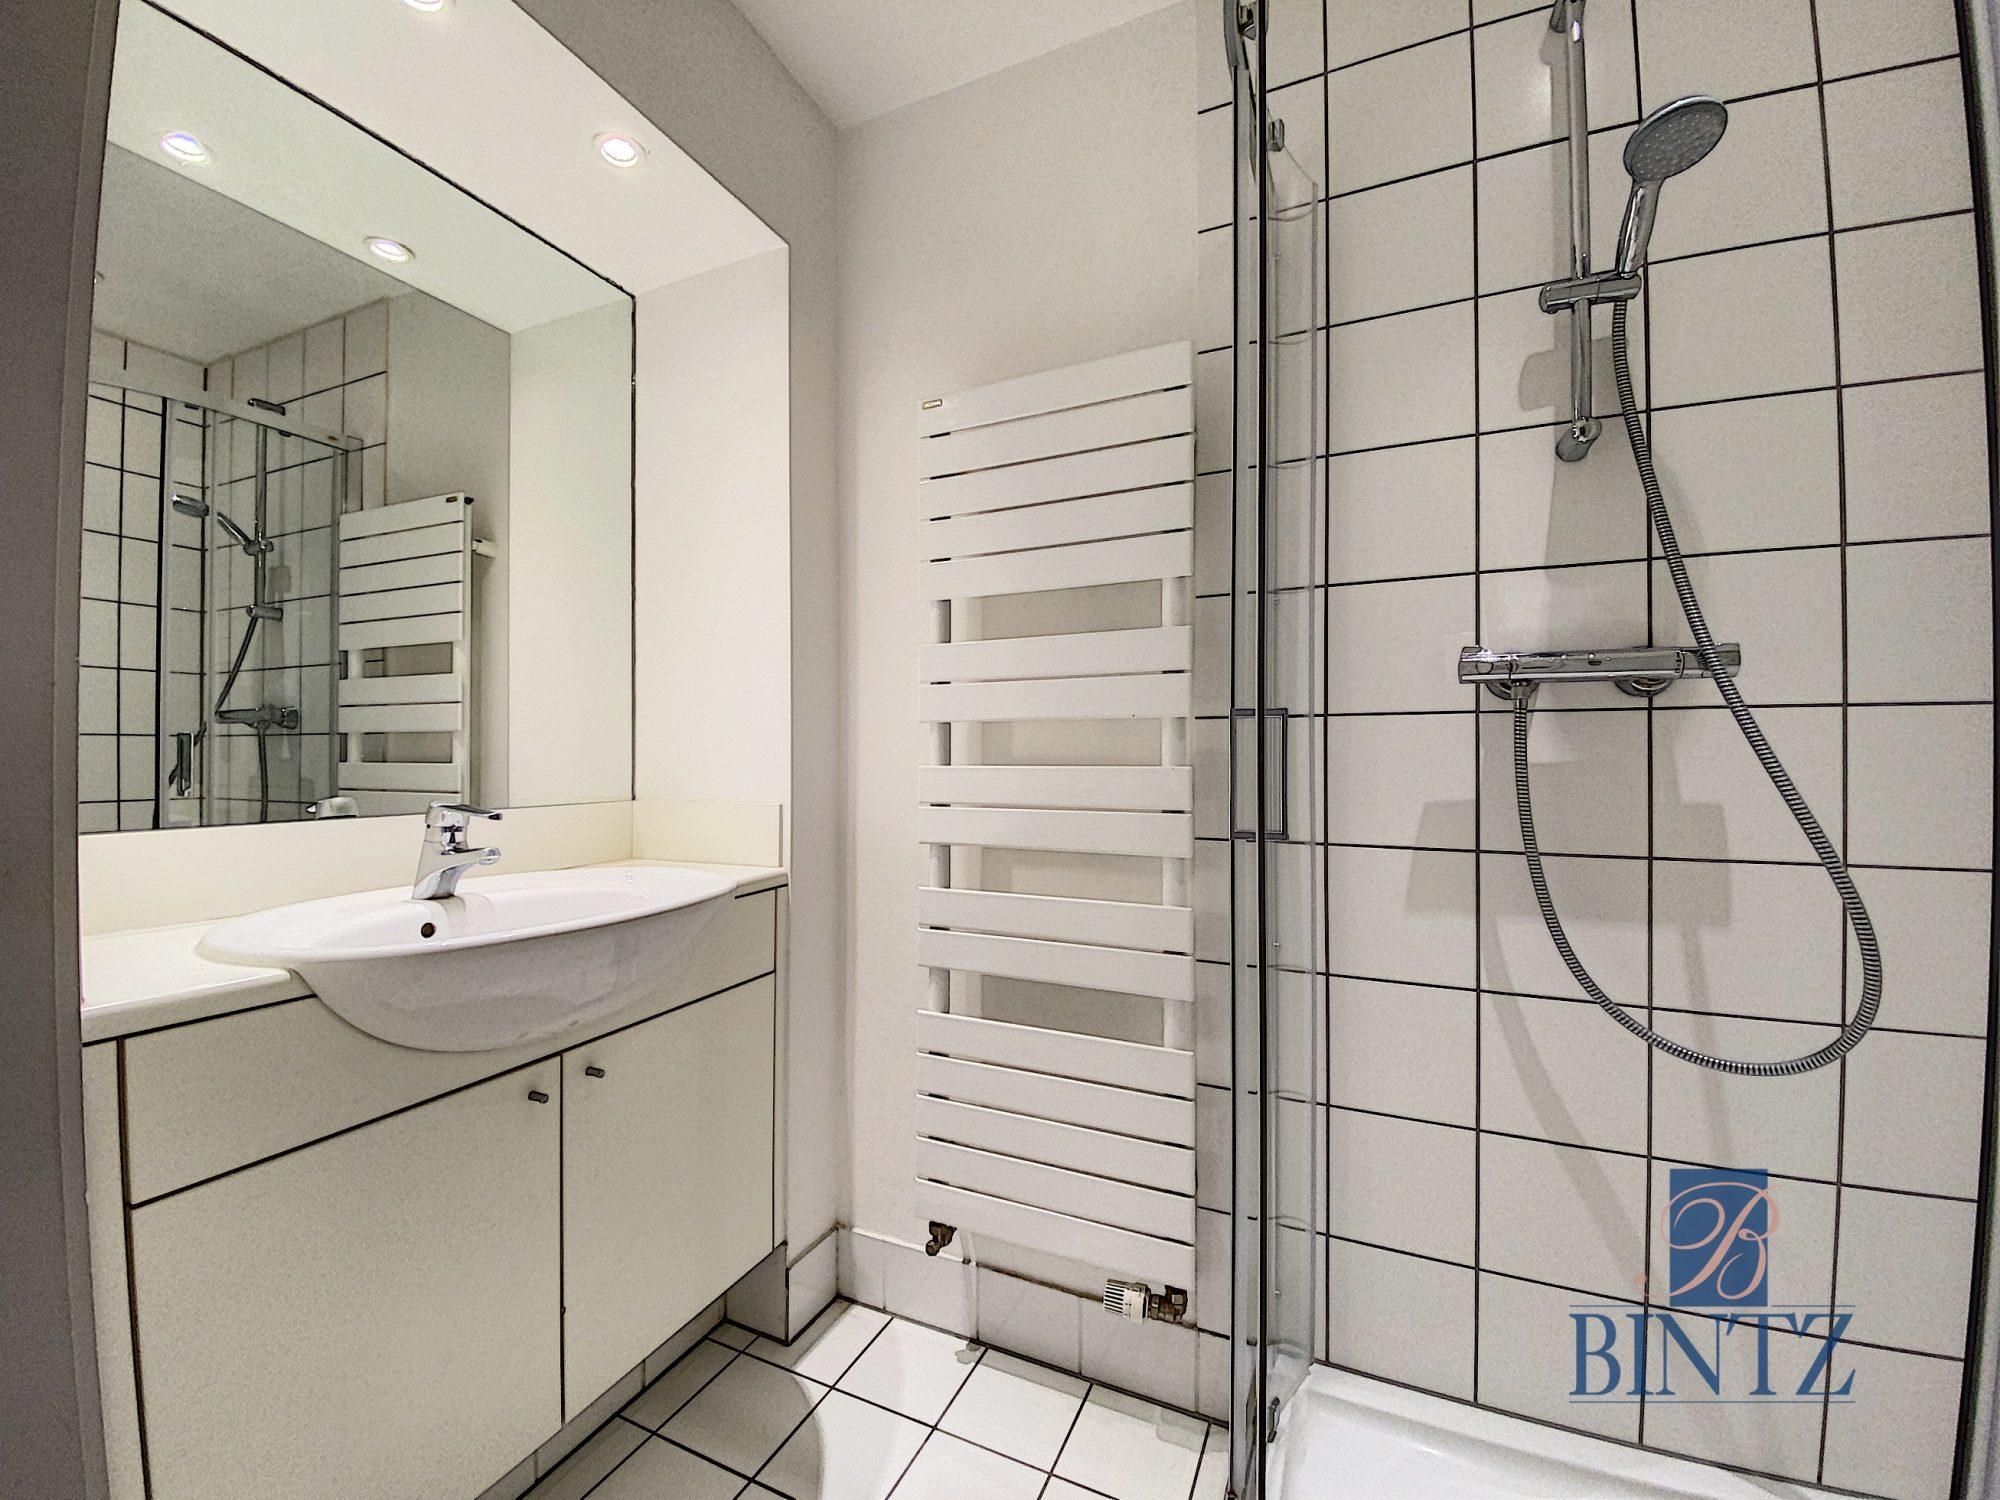 Magnifique 6 pièces de 164m2 Quartier Neustadt - Devenez propriétaire en toute confiance - Bintz Immobilier - 17